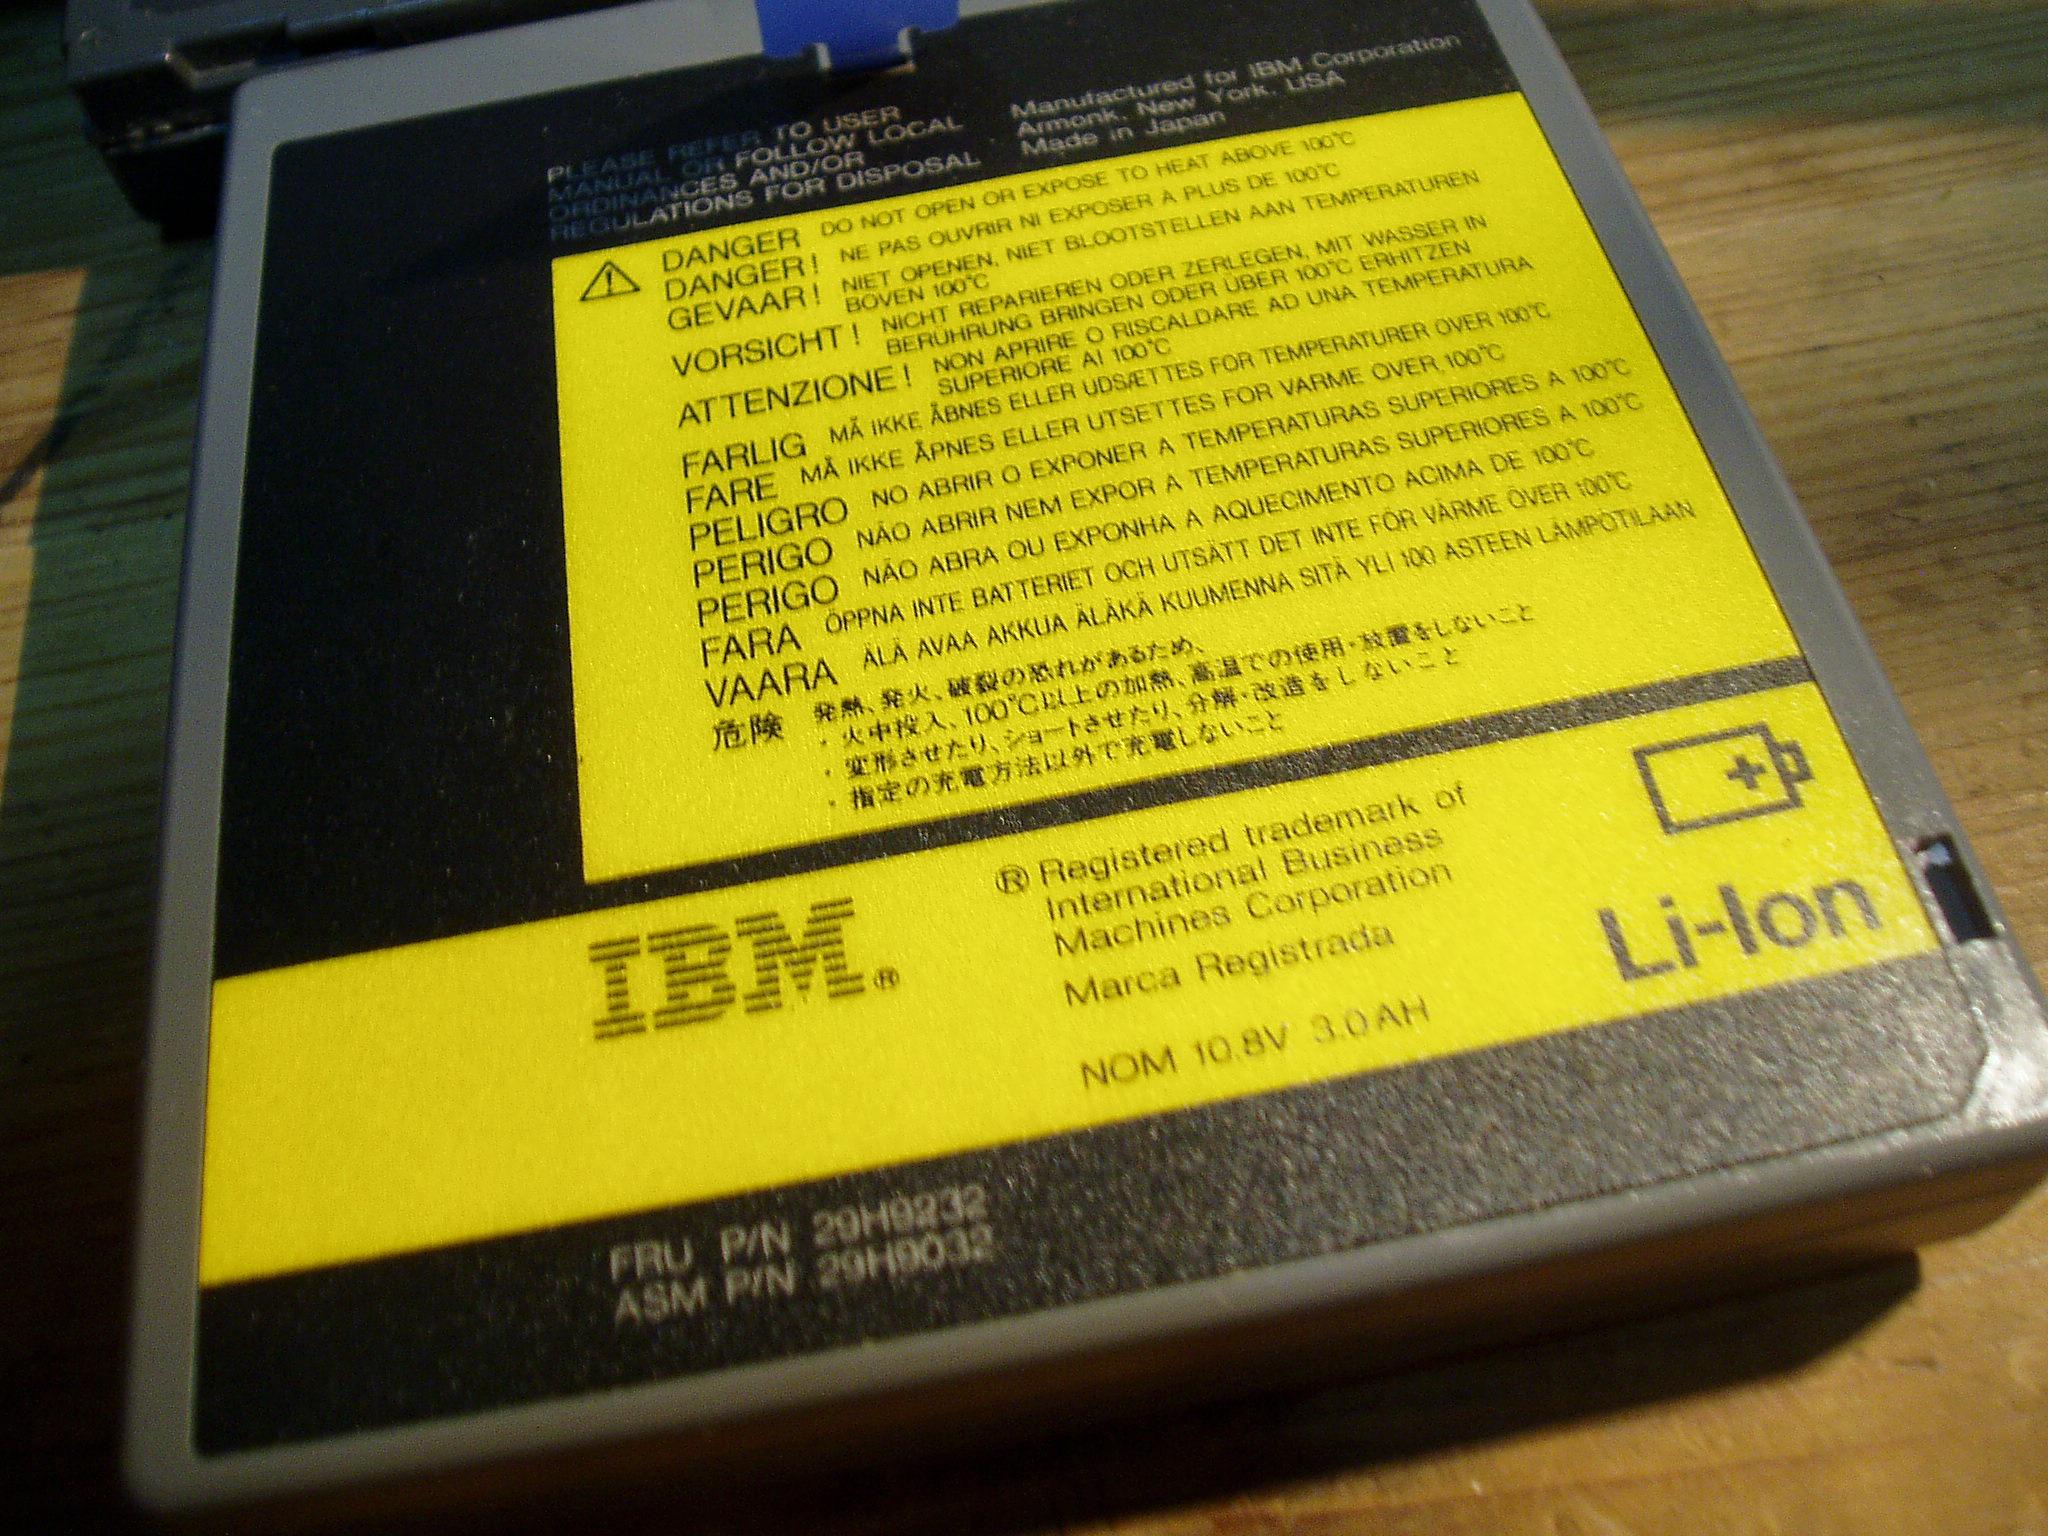 低价卖旧笔记本电脑配件电池和网卡和屏